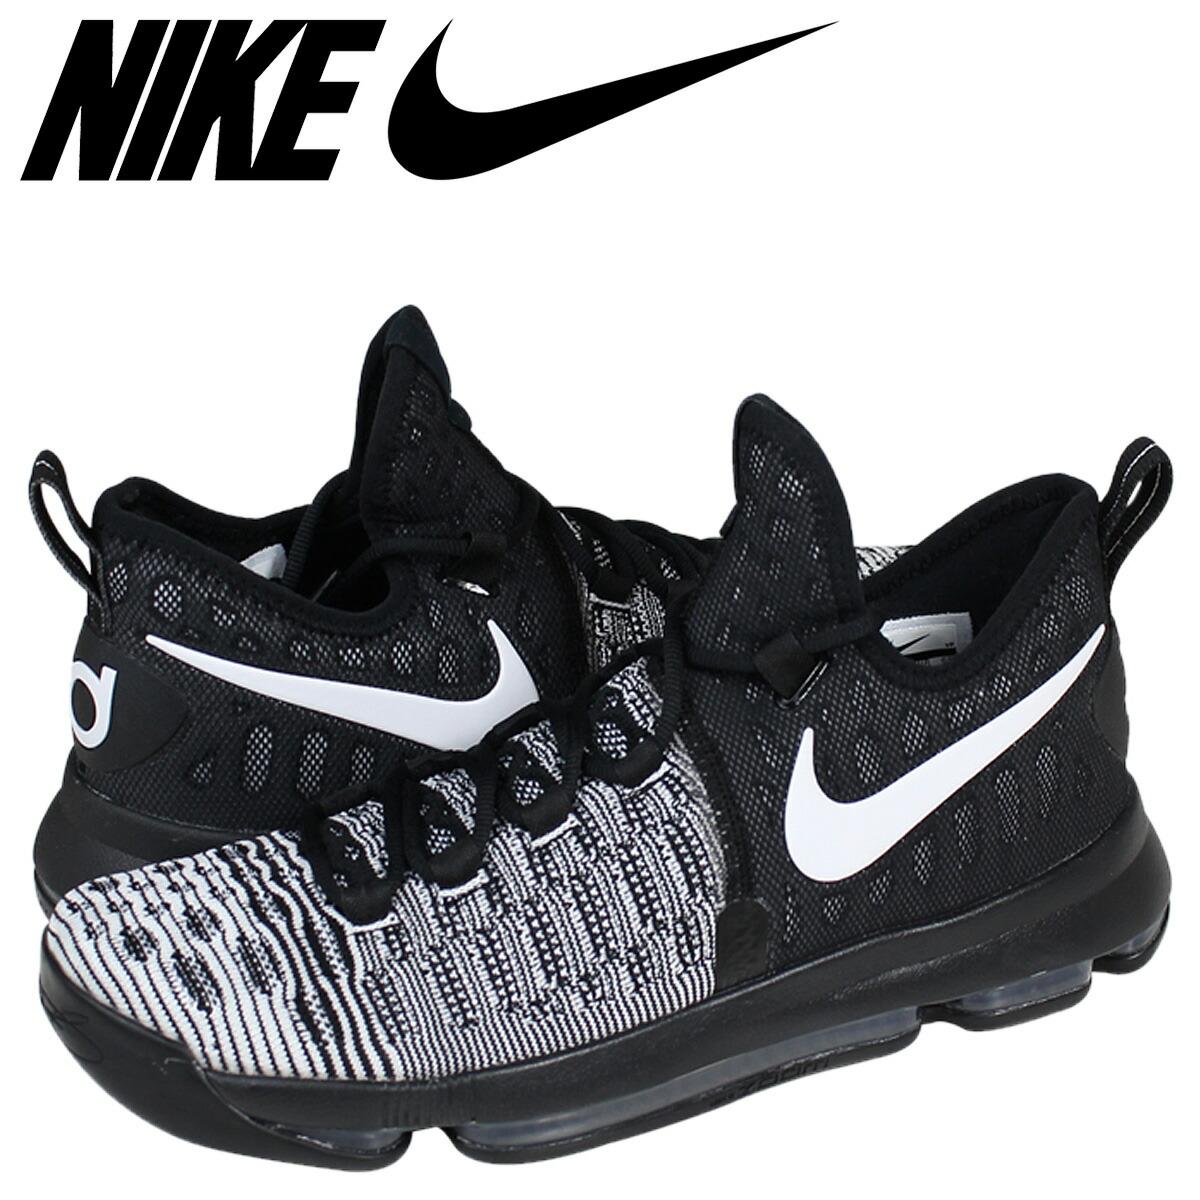 10e3bb6f37dd SneaK Online Shop  Nike NIKE zoom sneakers men ZOOM KD 9 EP black ...